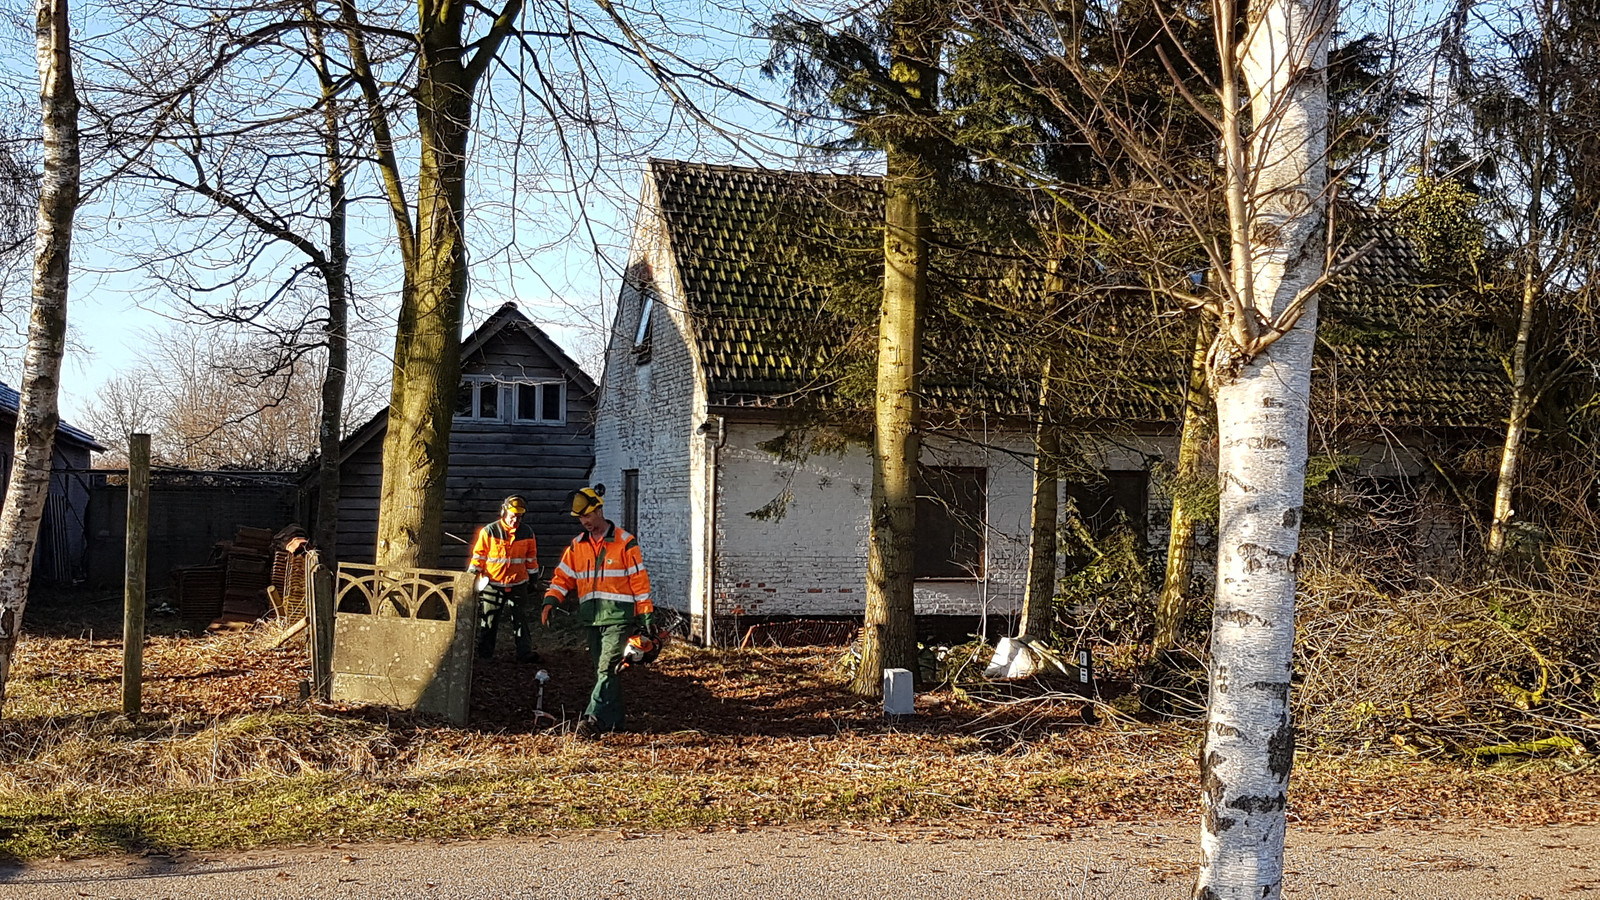 Groot drugslab aangetroffen in schuur naast vervallen boerderij.